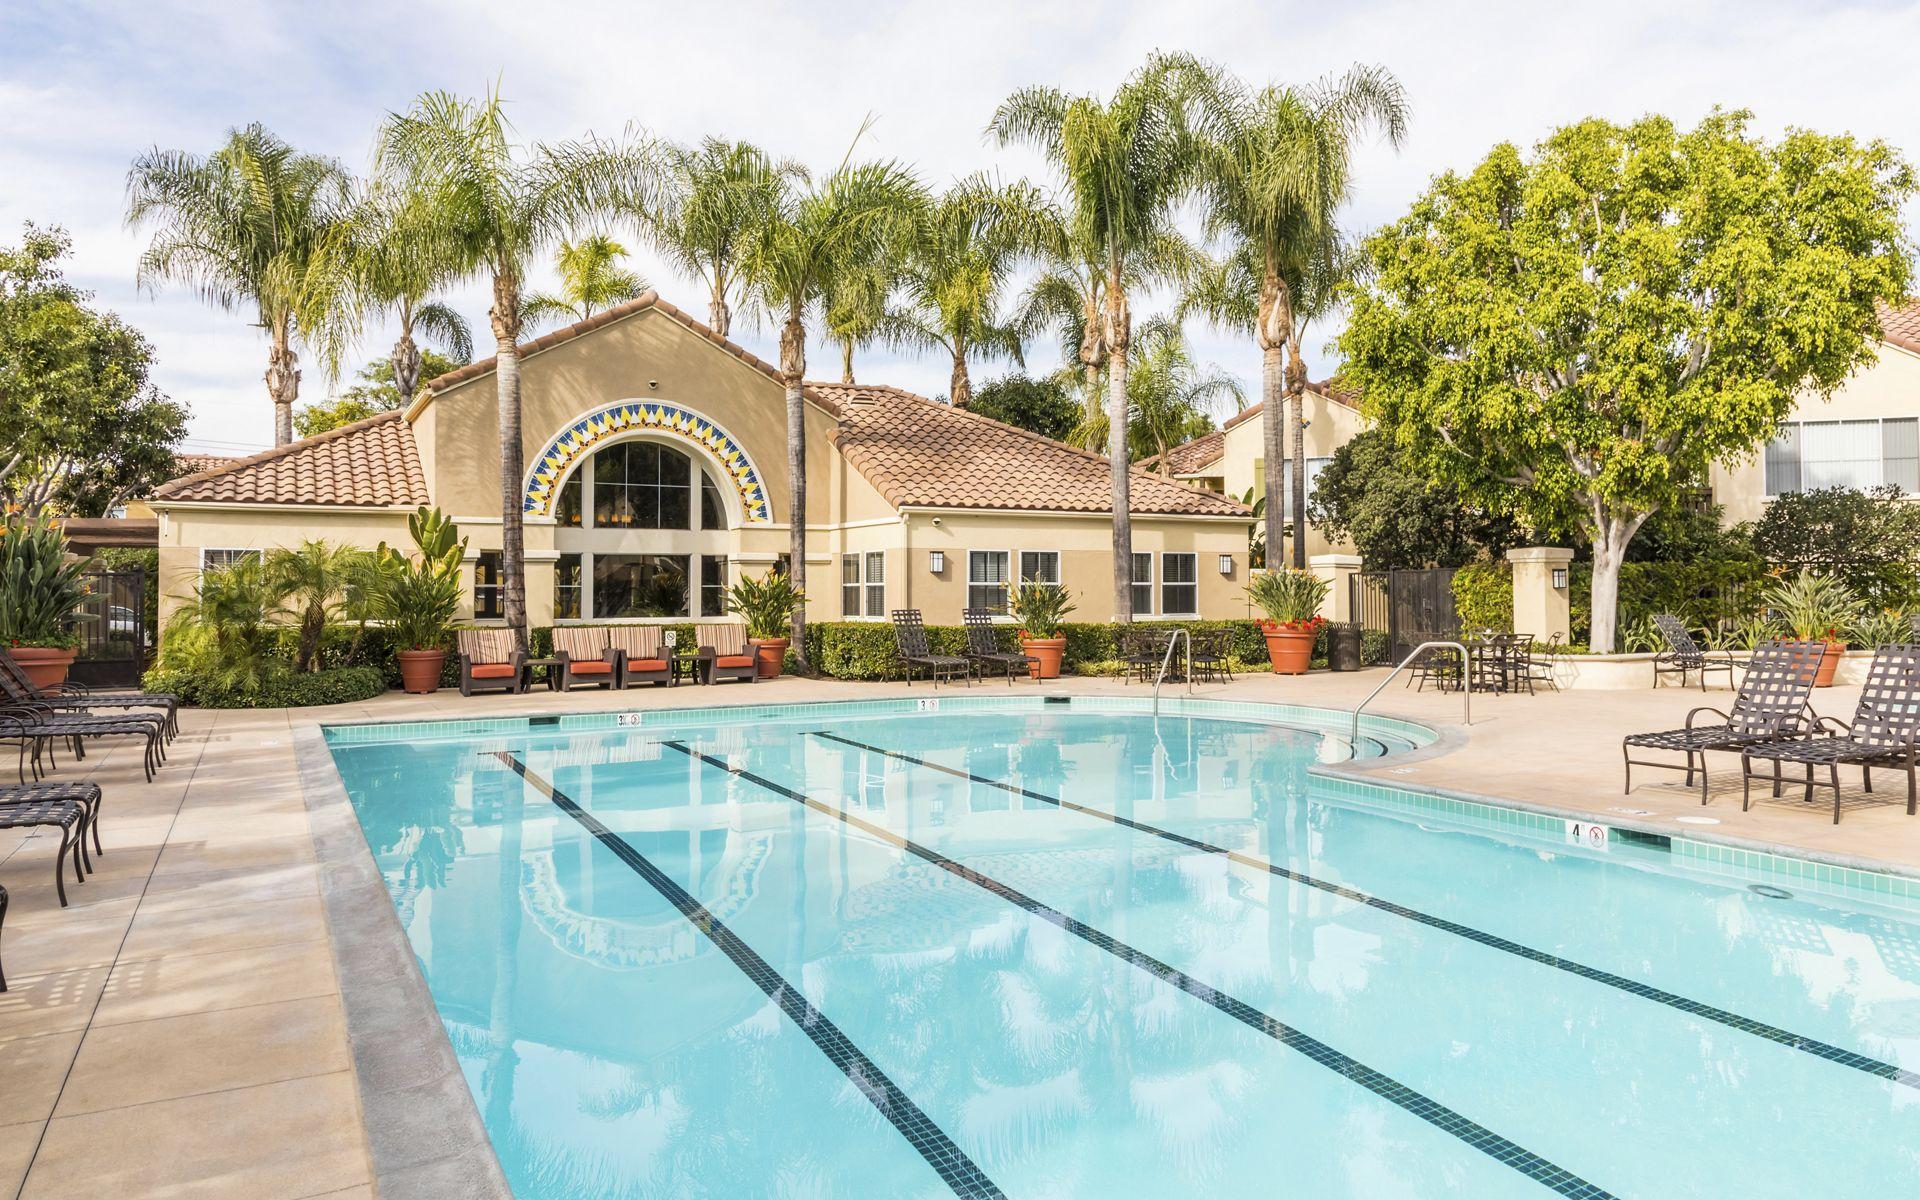 Pool view at Santa Maria Apartment Homes in Irvine, CA.